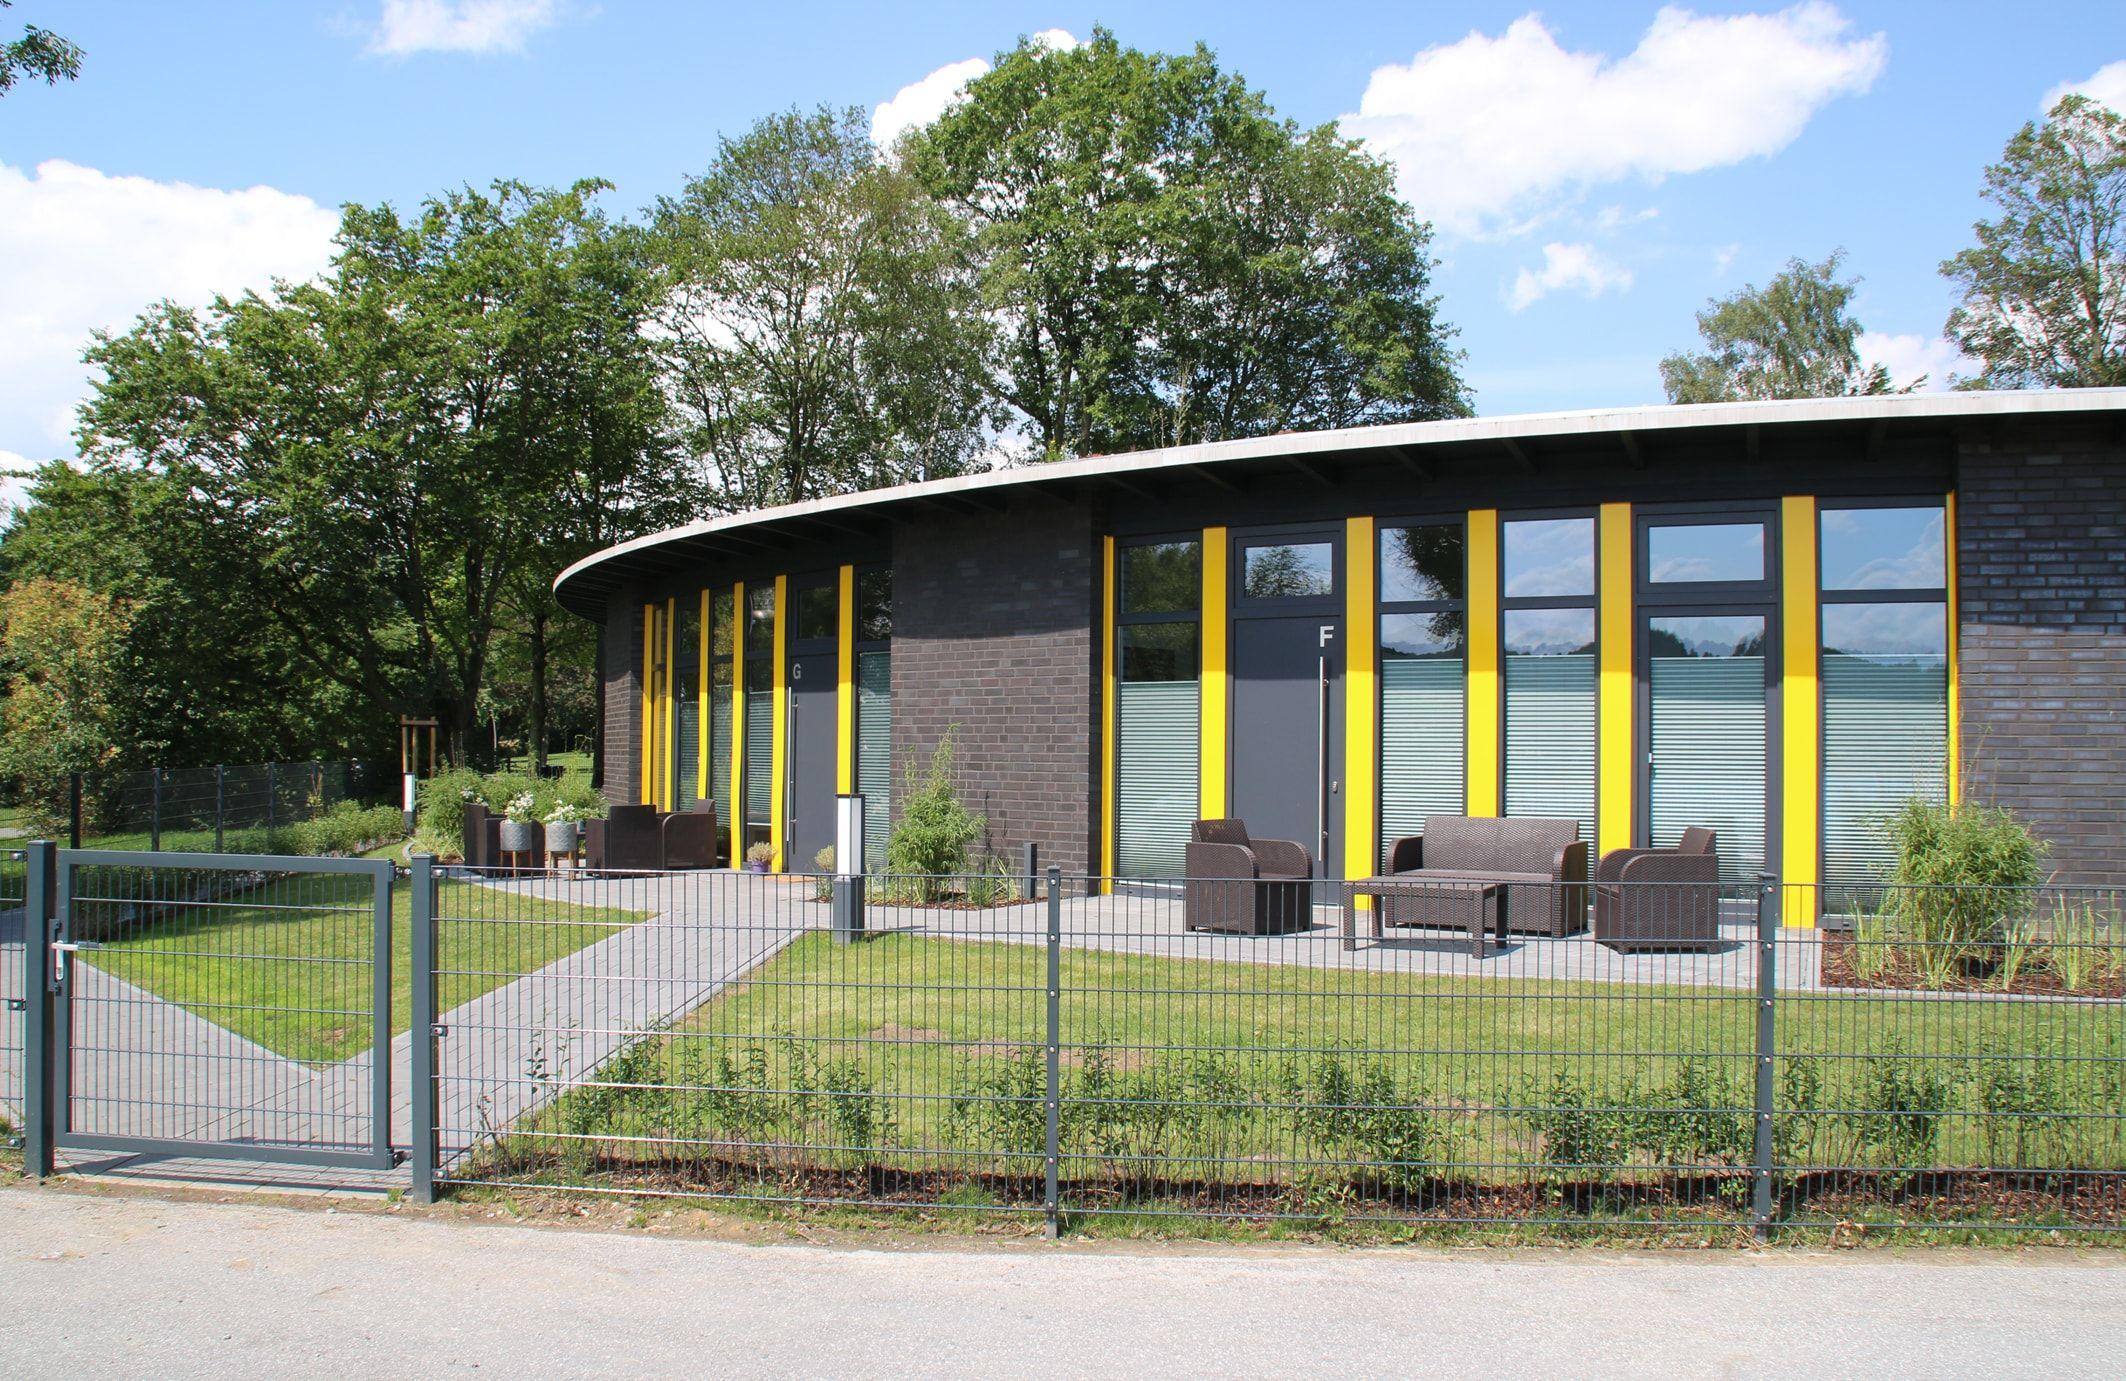 ADAC-Ferienhaus-Möhnesee